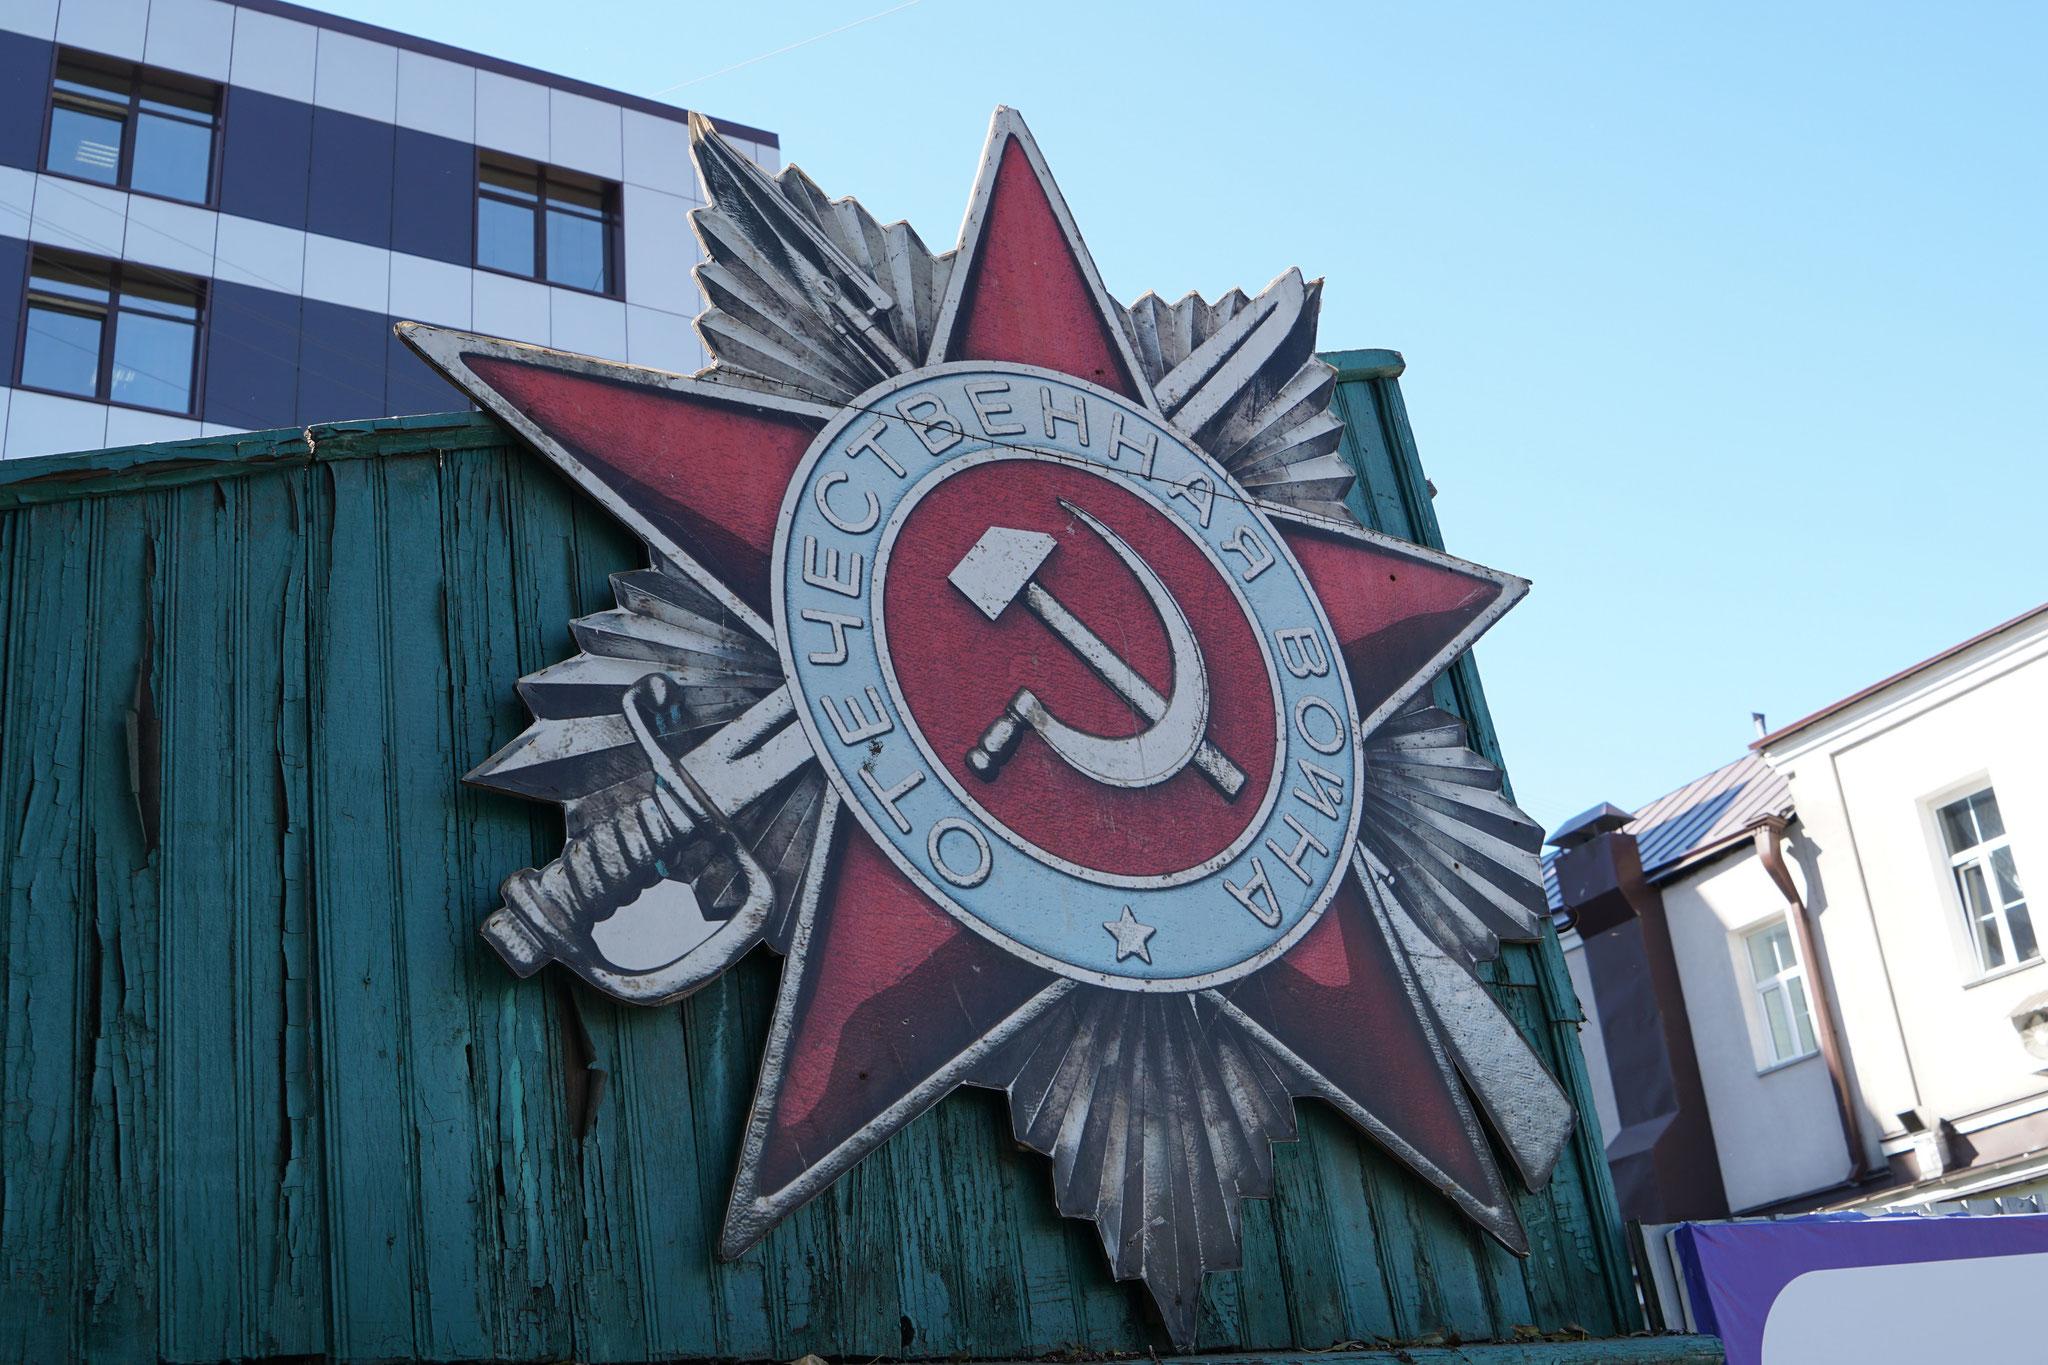 Oft sieht man das Kommunisten-Symbol